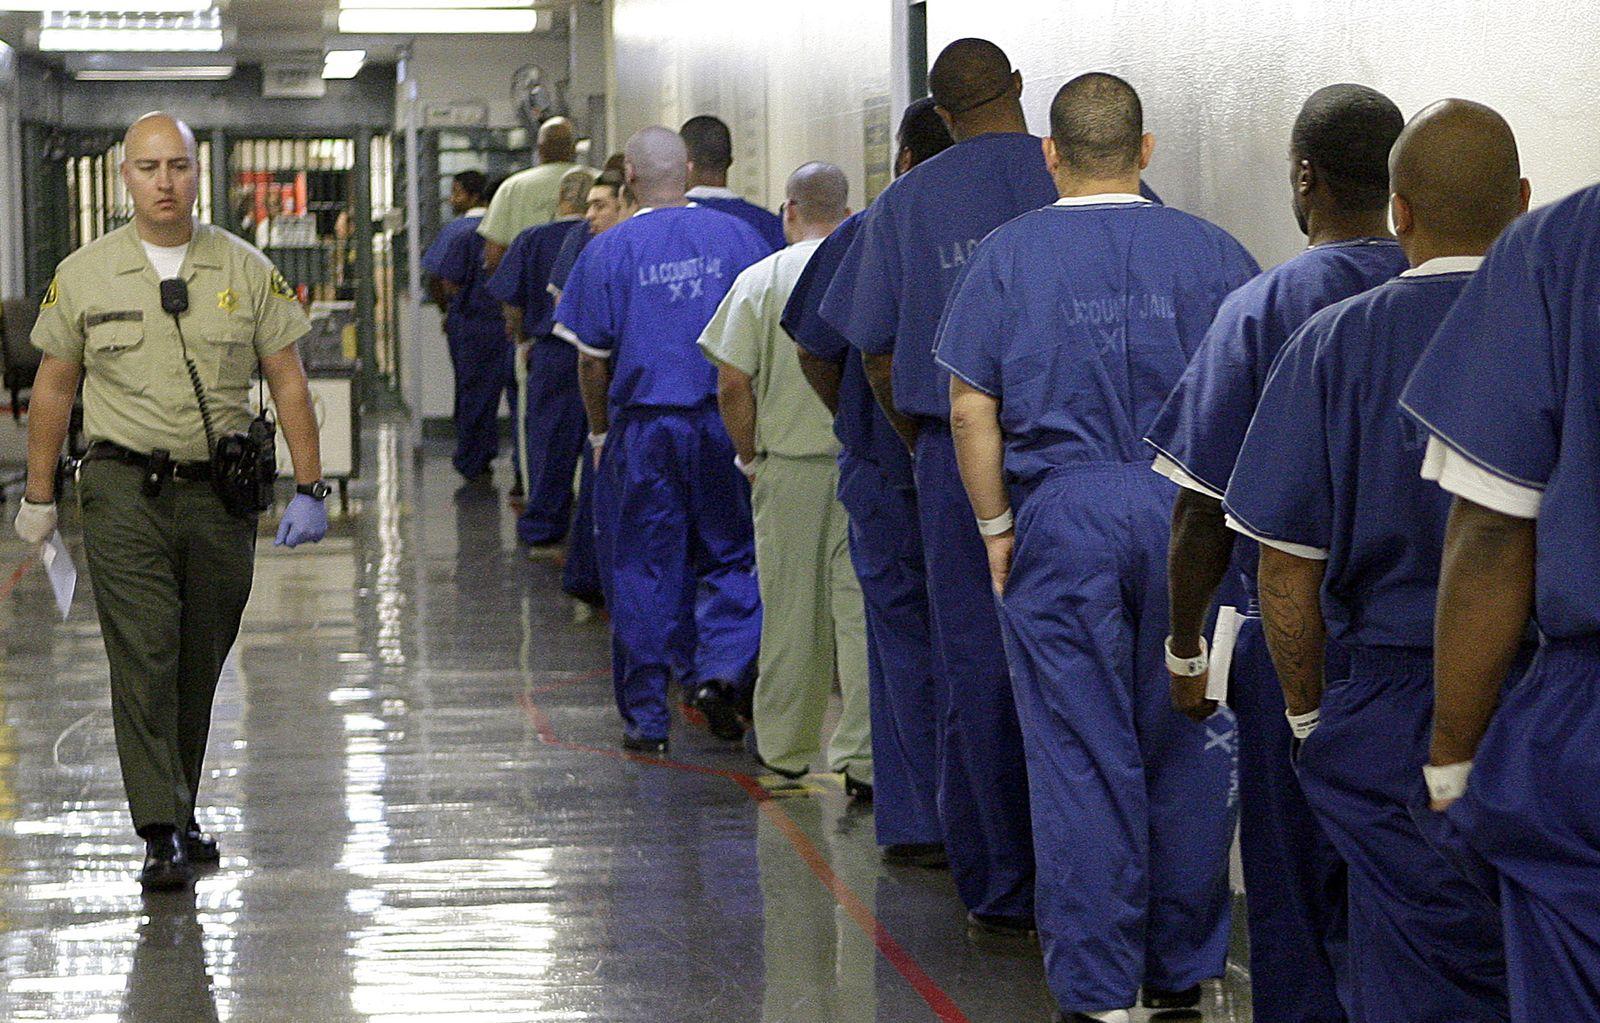 Zentral Gefängnis / Los Angeles